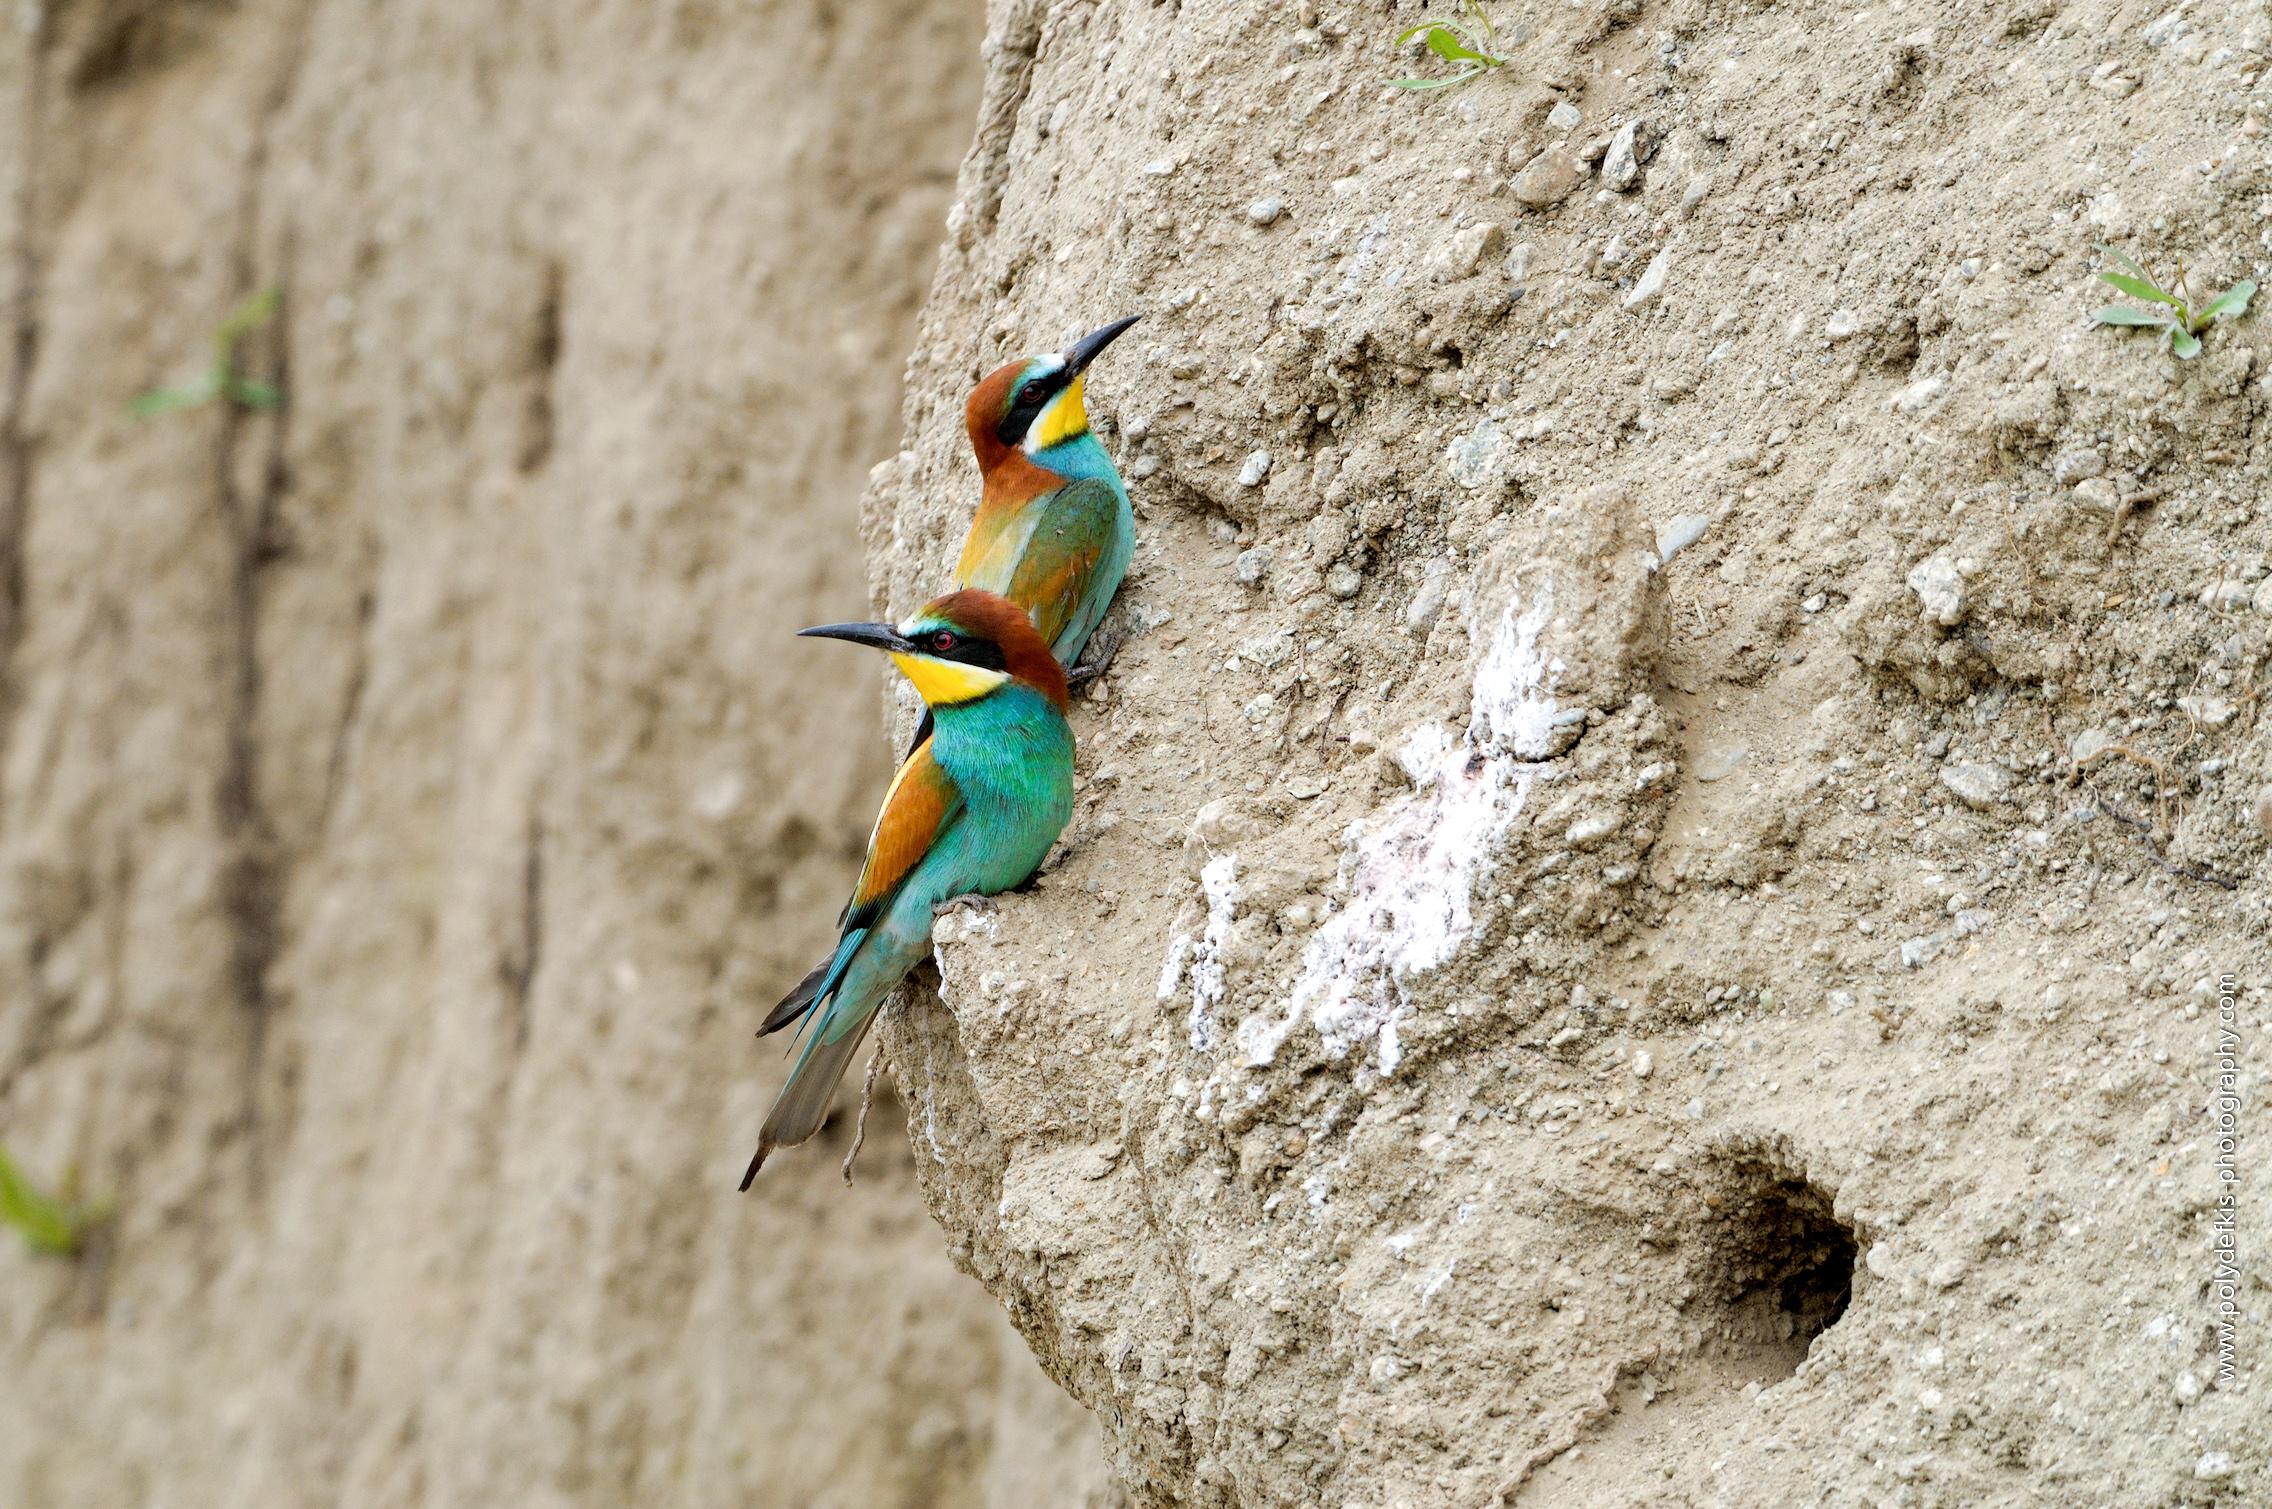 Ζευγάρι Μελισσοφάγων- Merops apiaster- European bee-eater/ Π. Σταθόπουλος- Αρχείο ΦΔΕΠαΠ